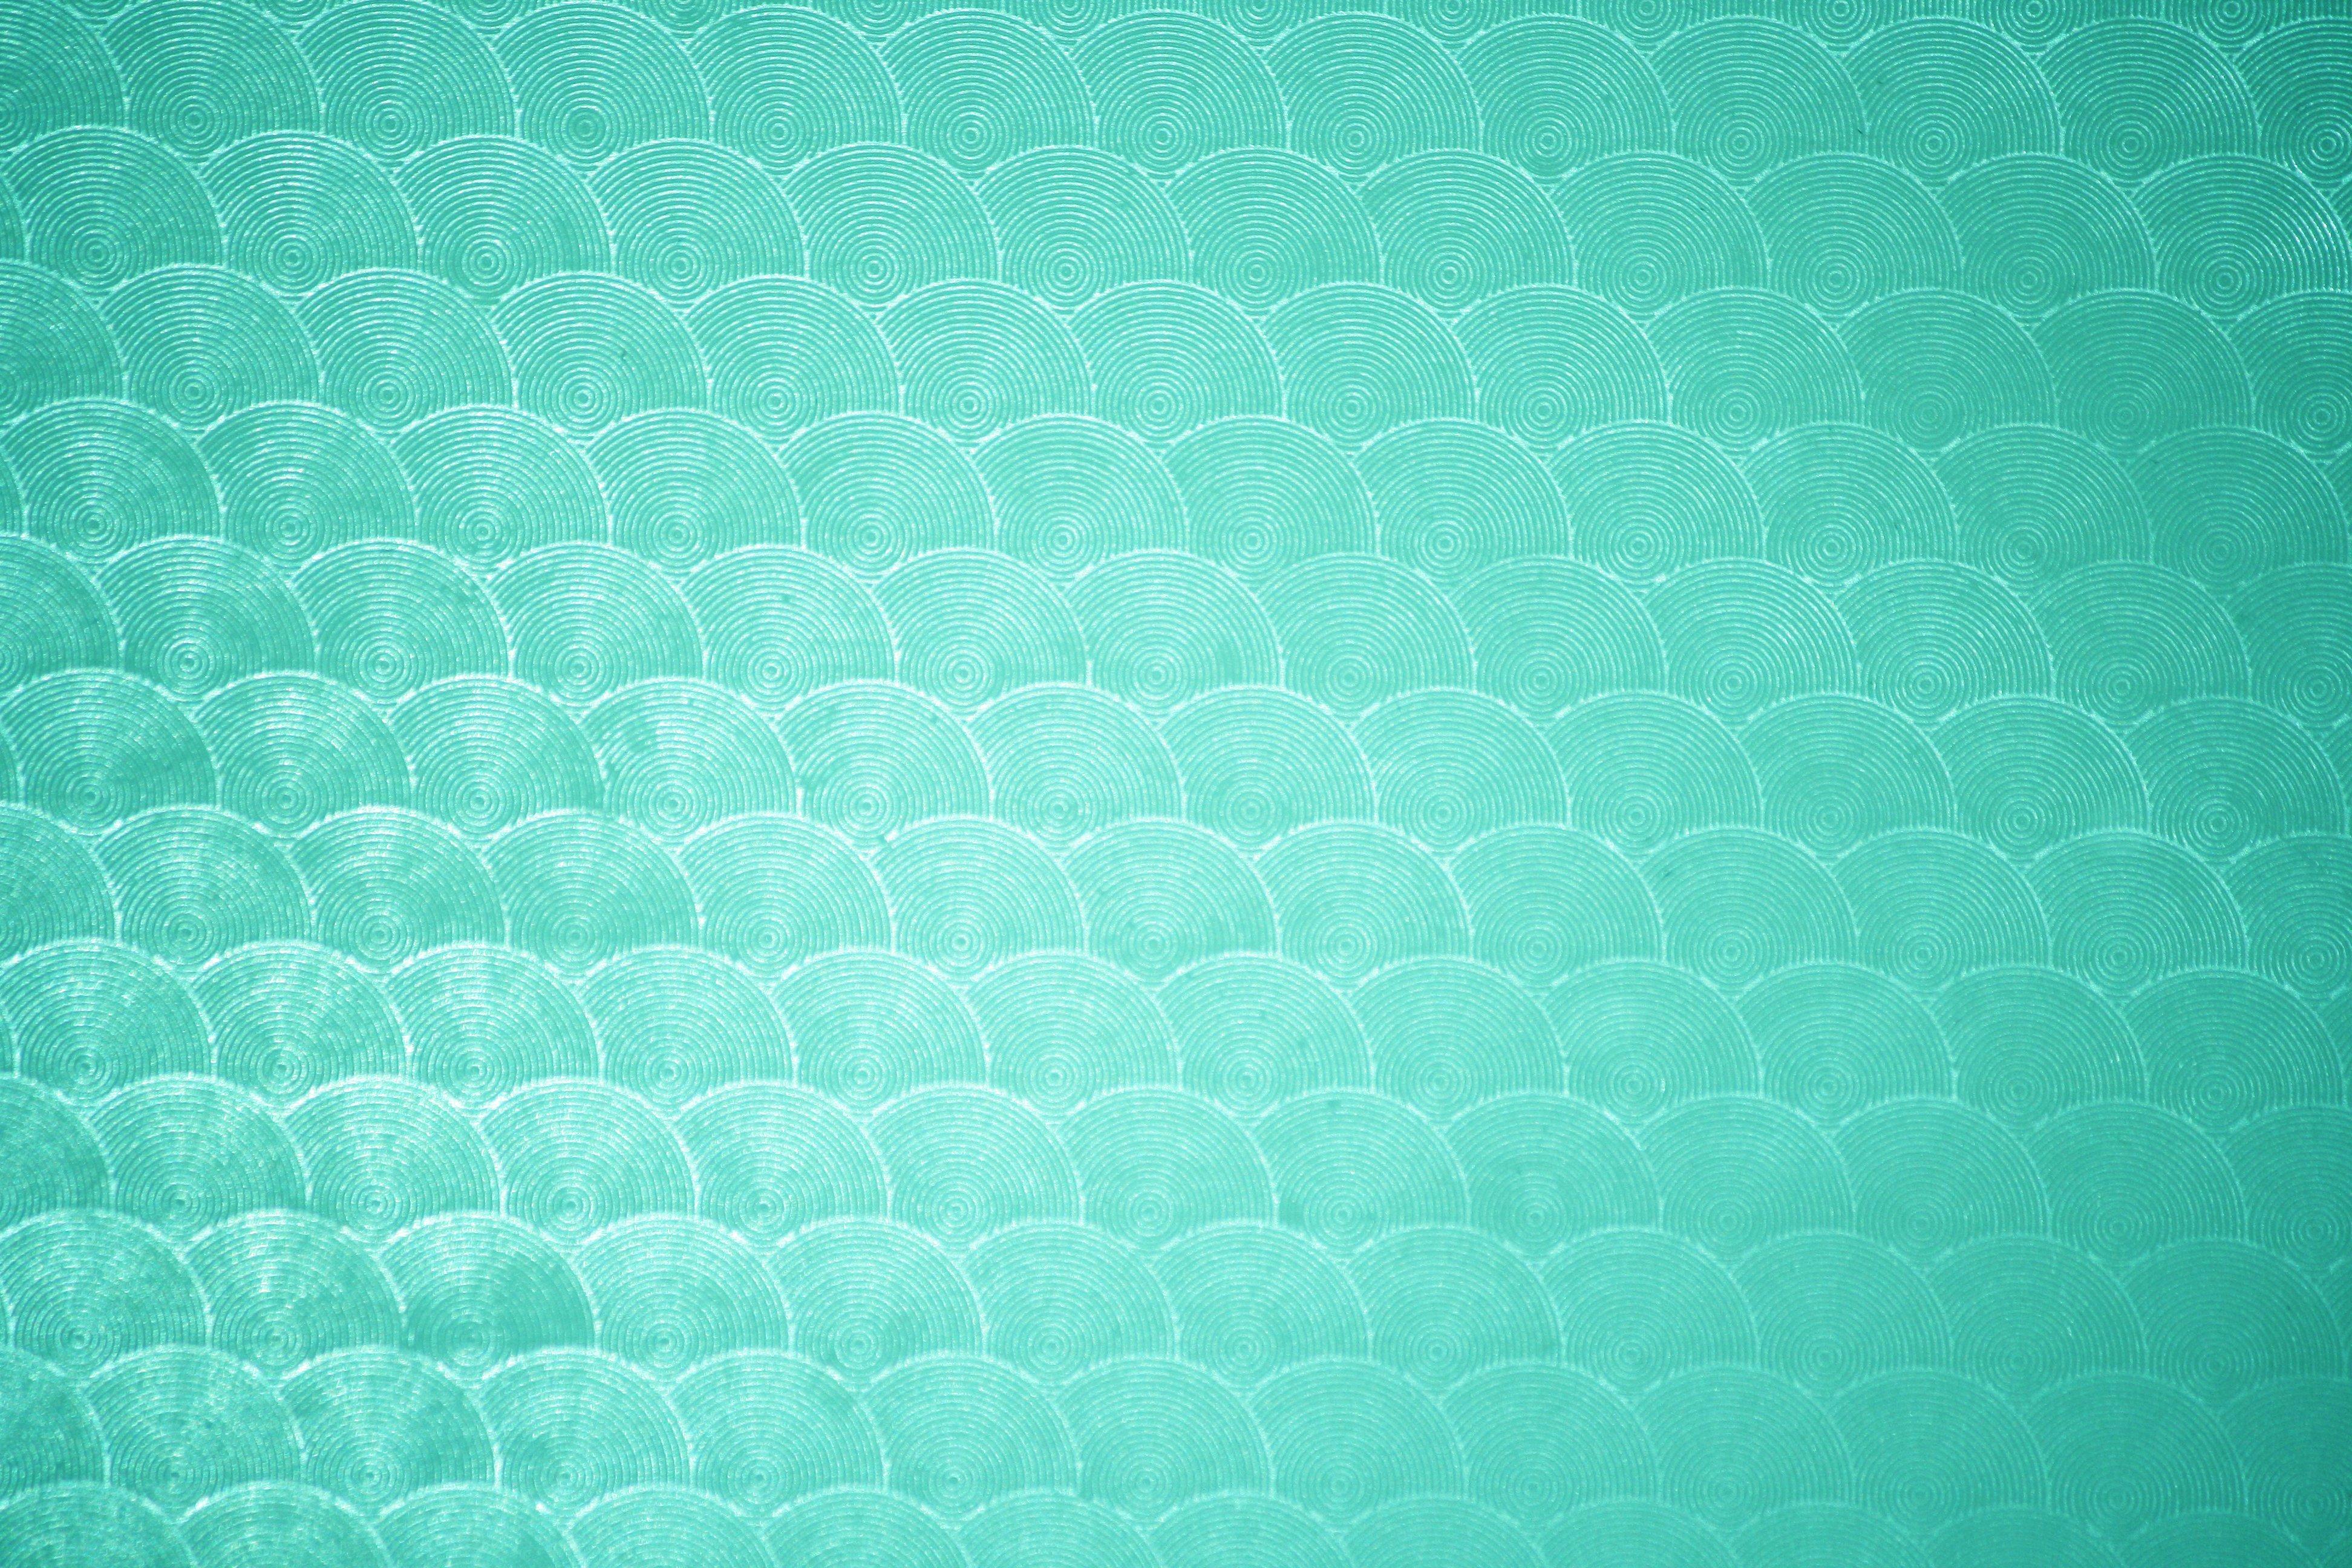 Aqua Green Circle Patterned Plastic Texture